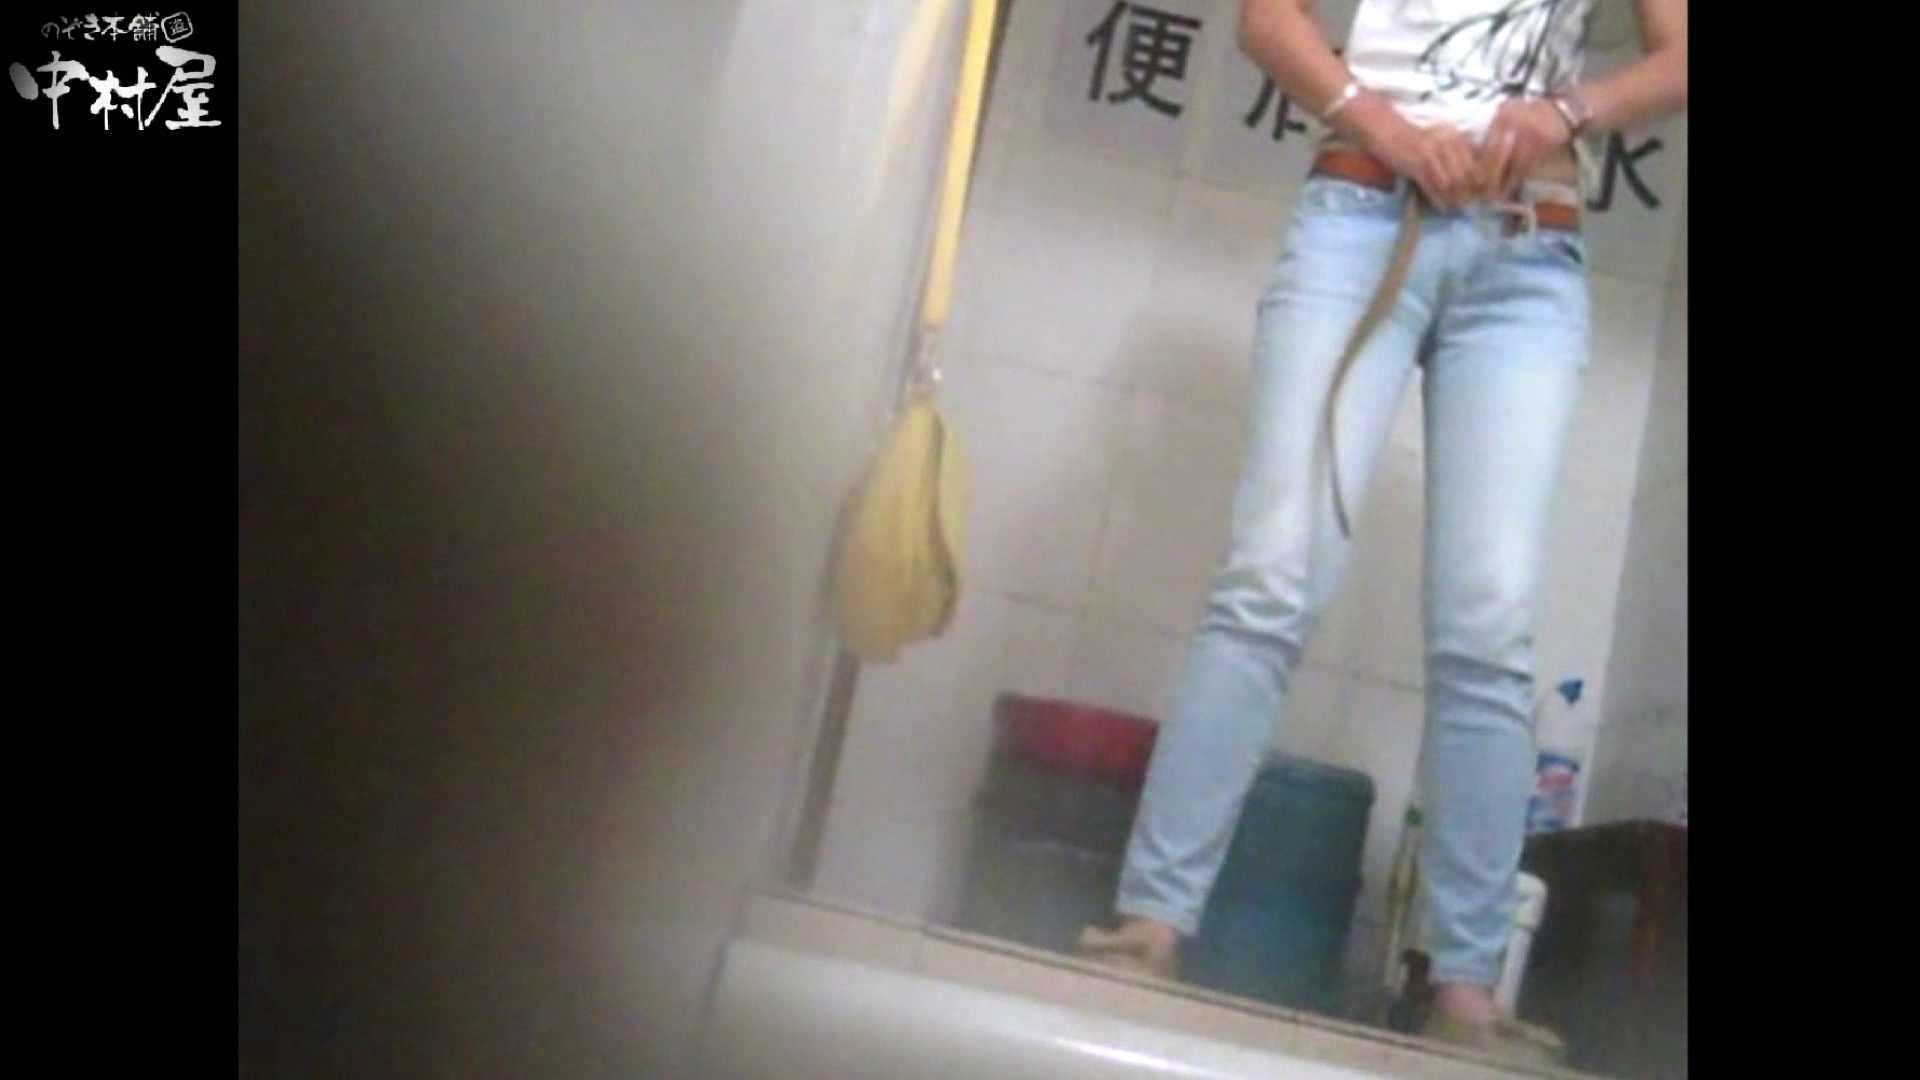 李さんの盗撮日記 Vol.13 トイレ | ギャルのエロ動画 盗撮 93PIX 17